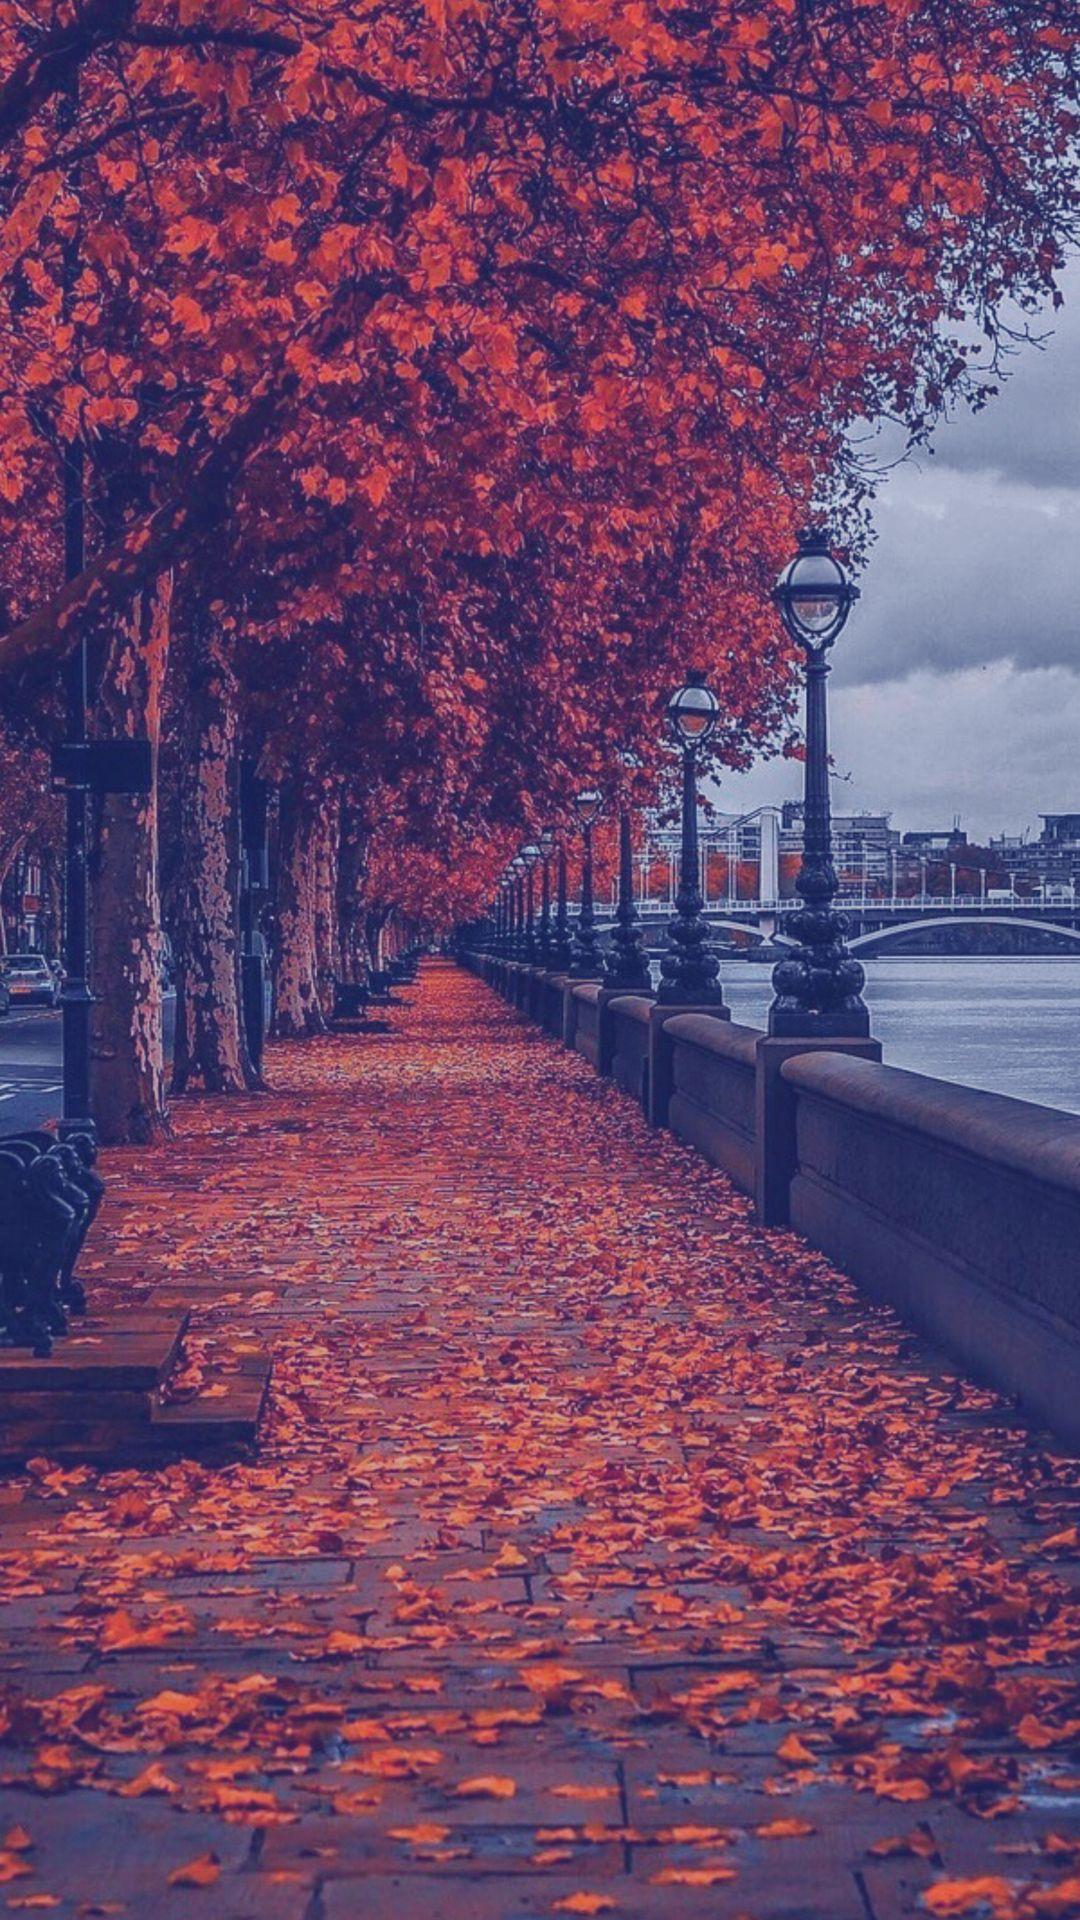 This's London, United kingdom